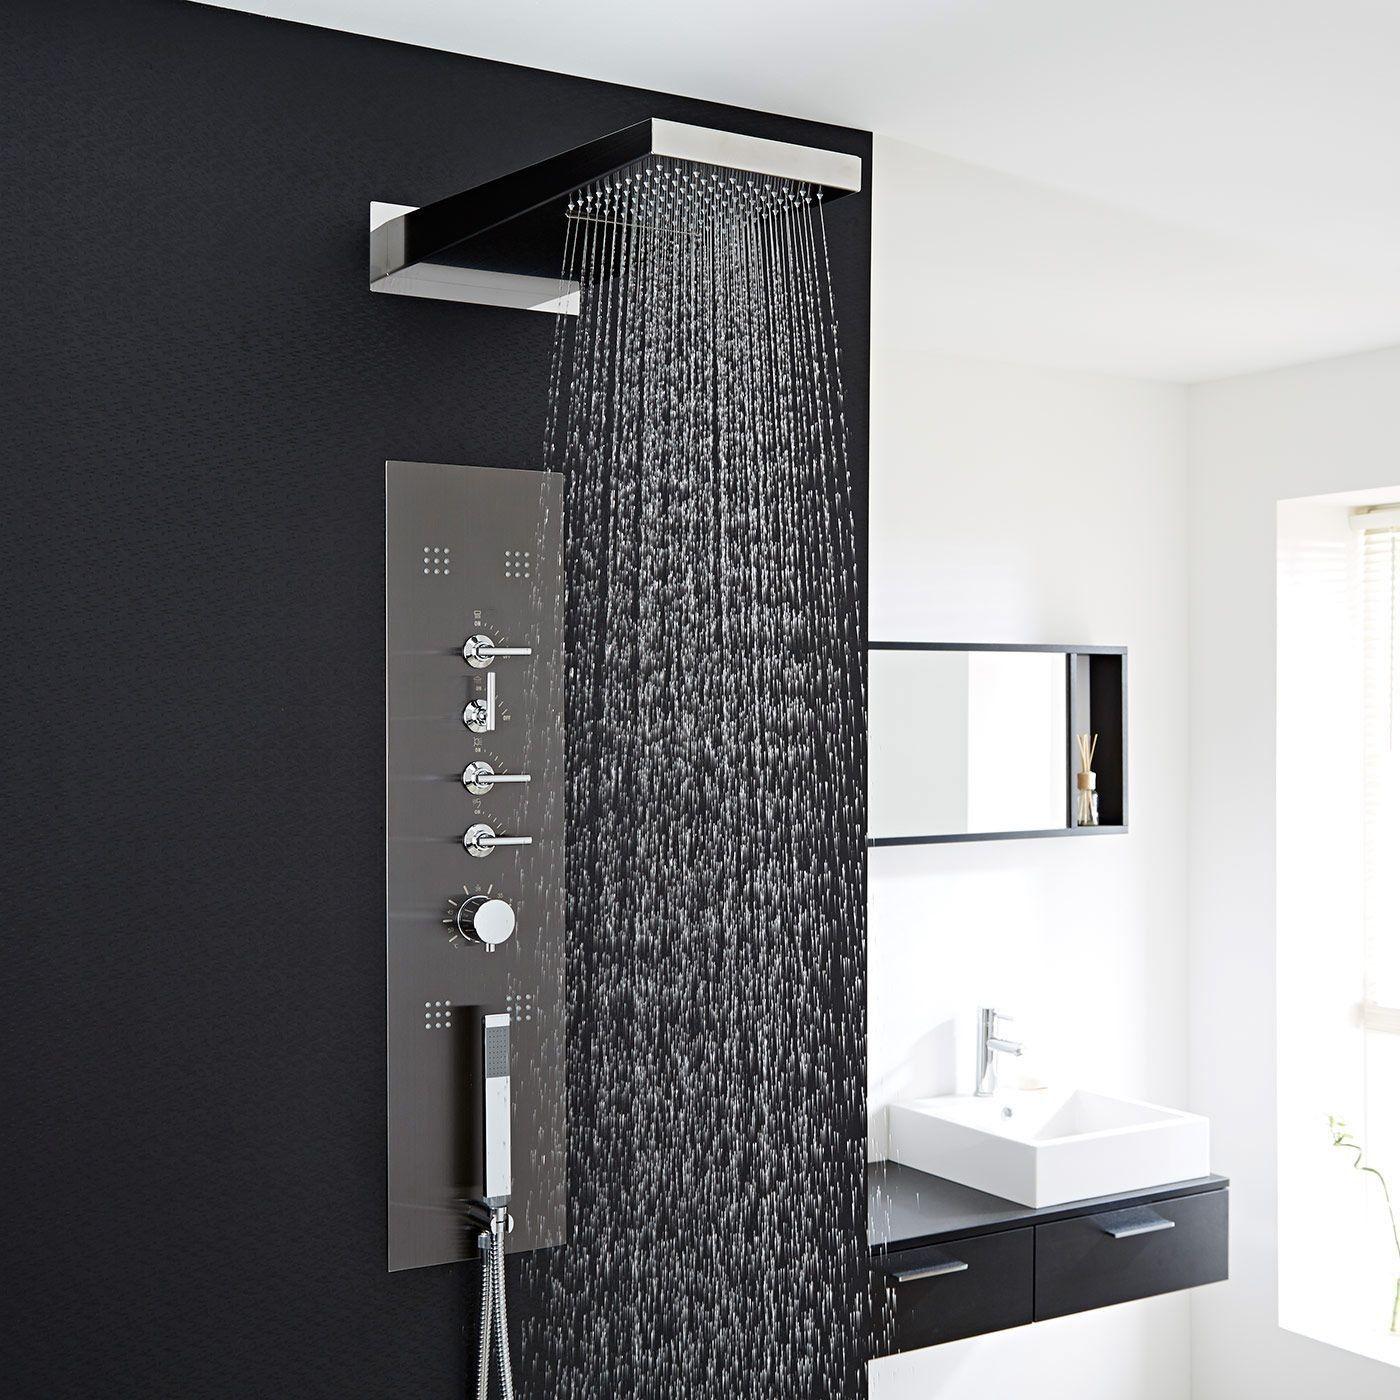 Concealed Thermostatic Shower Panel With Waterfall Head In 2020 Schwalldusche Schwarz Dusche Luxusbadezimmer